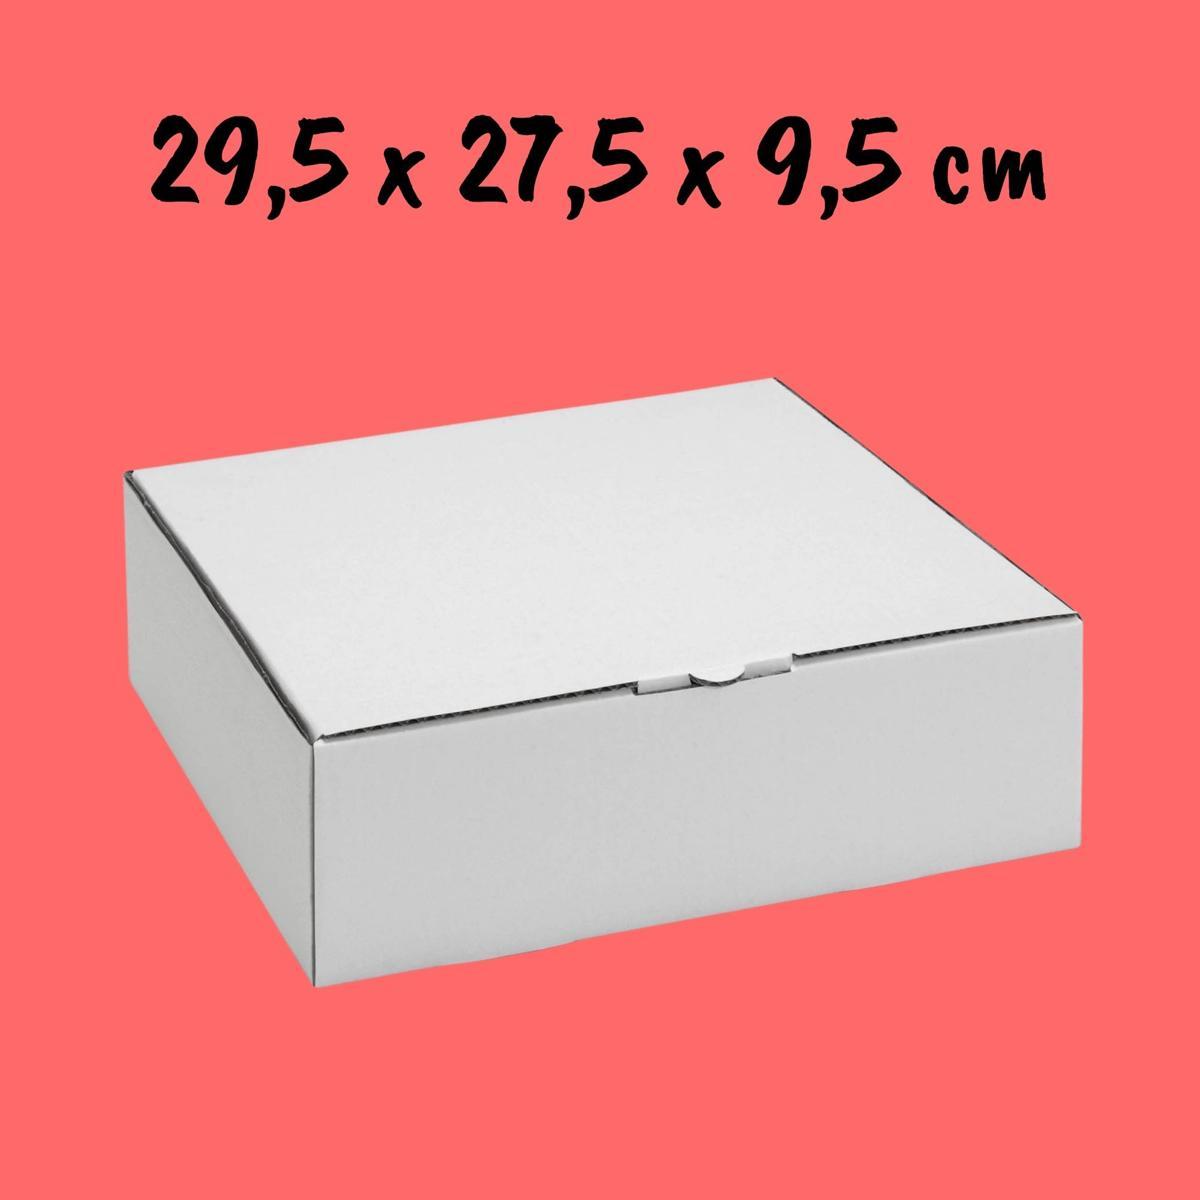 Caixa Para Bolo 29,5x27,5x9,5cm - Pacote com 10 unidades